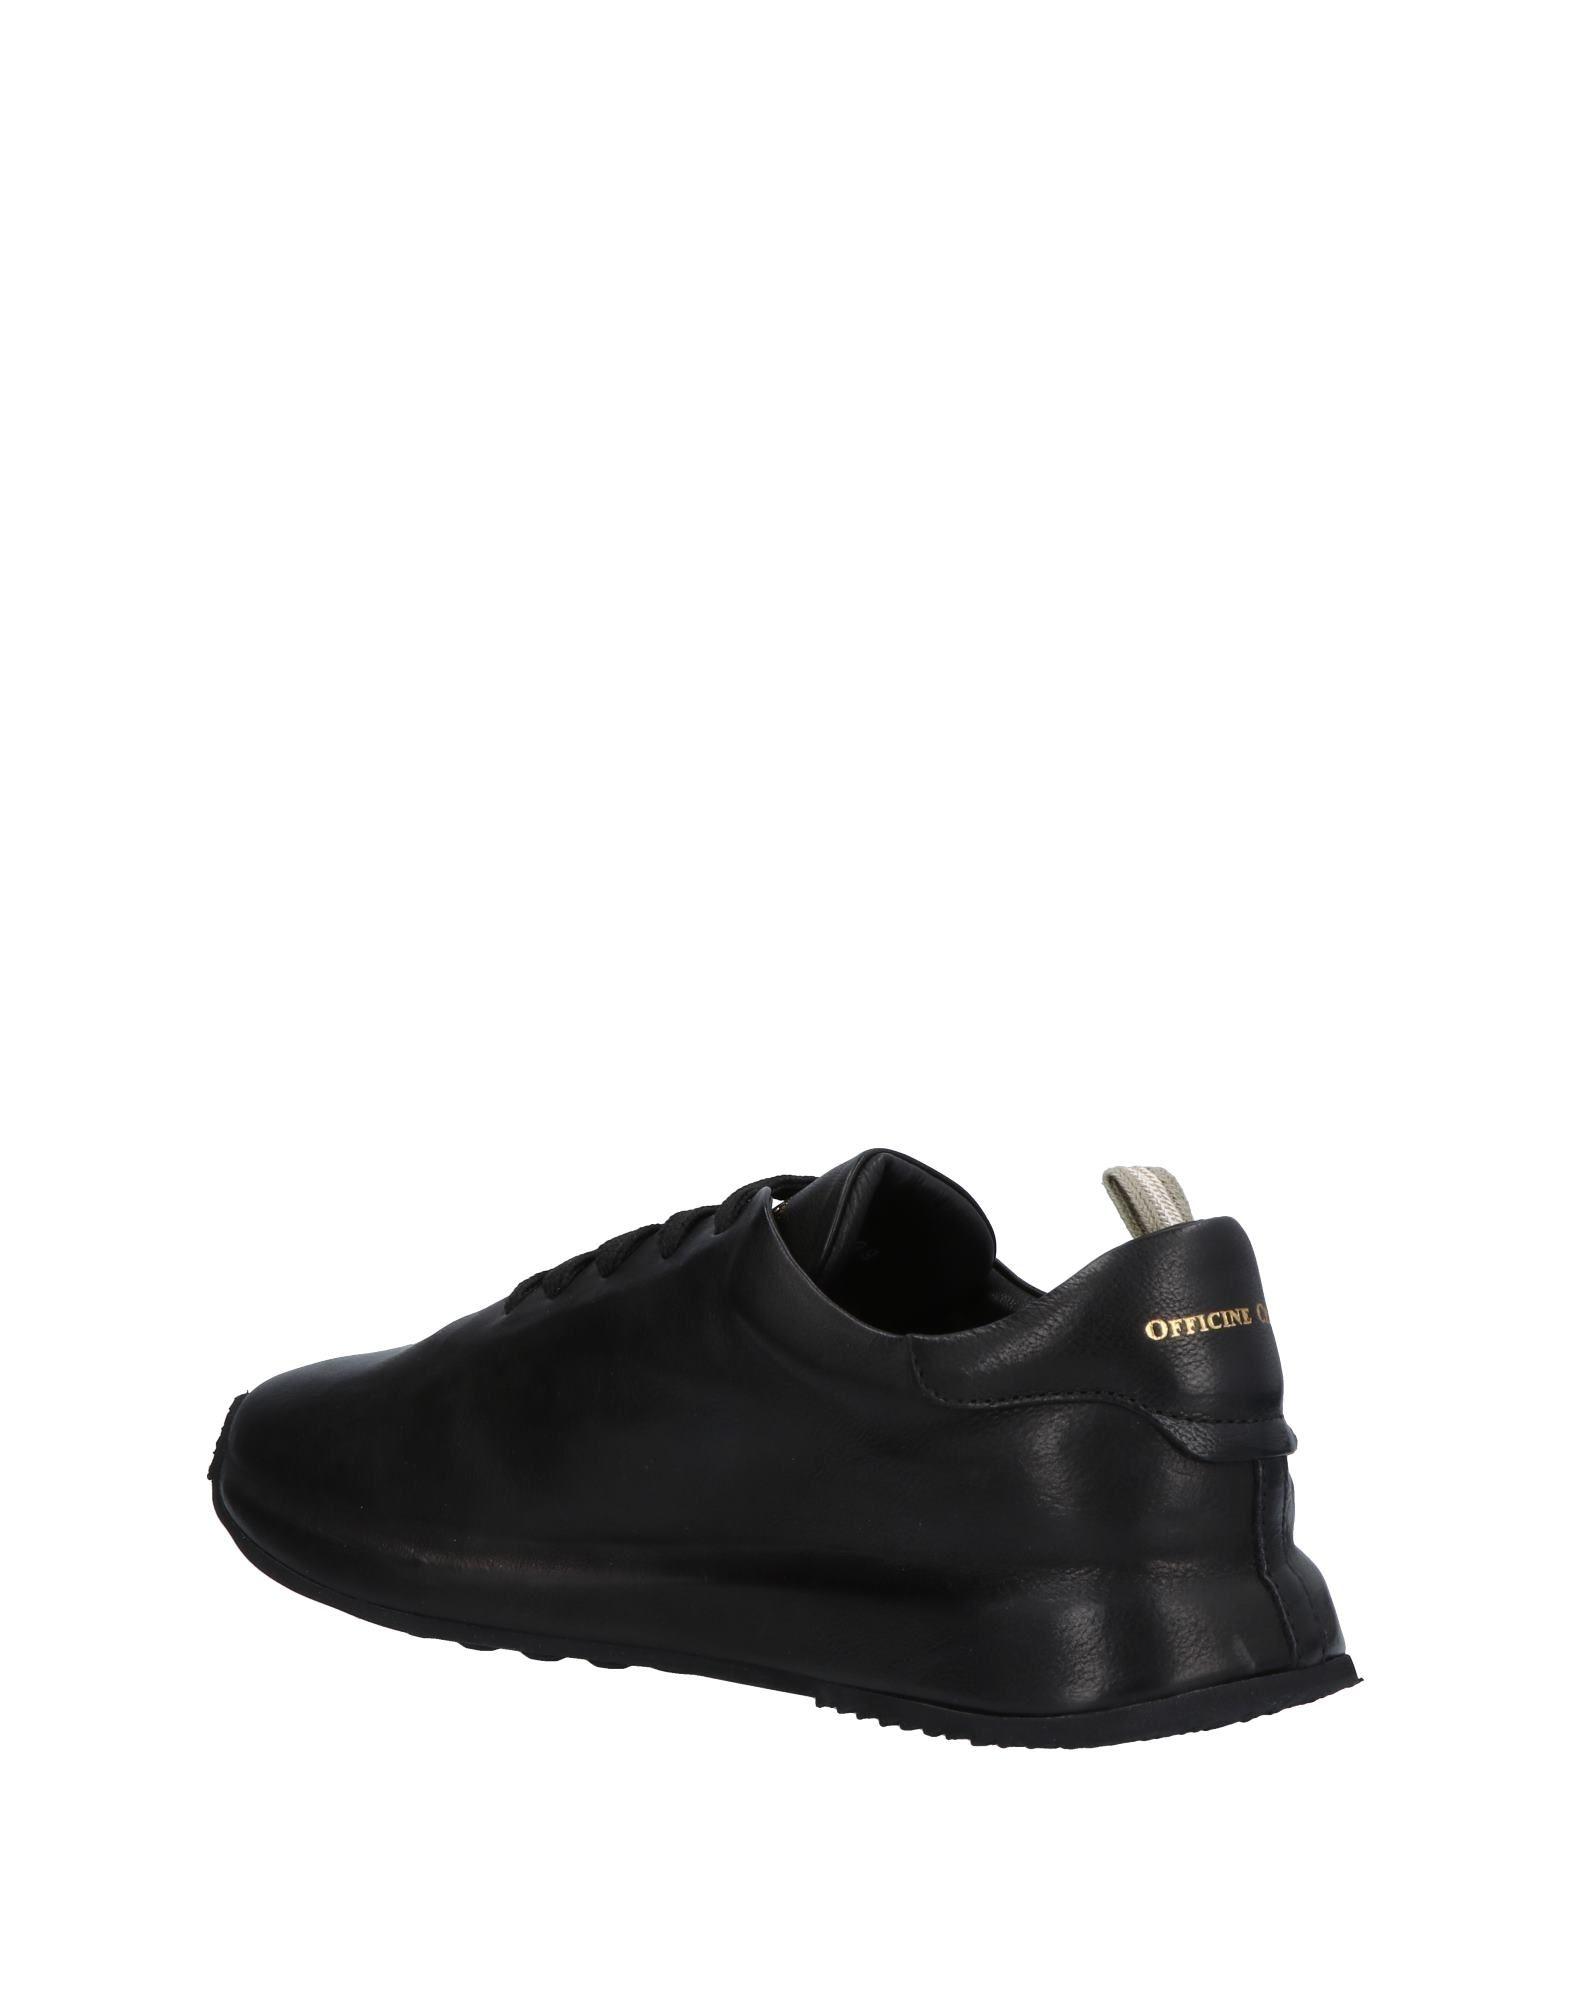 Officine Creative Italia Sneakers Herren  11487878BI